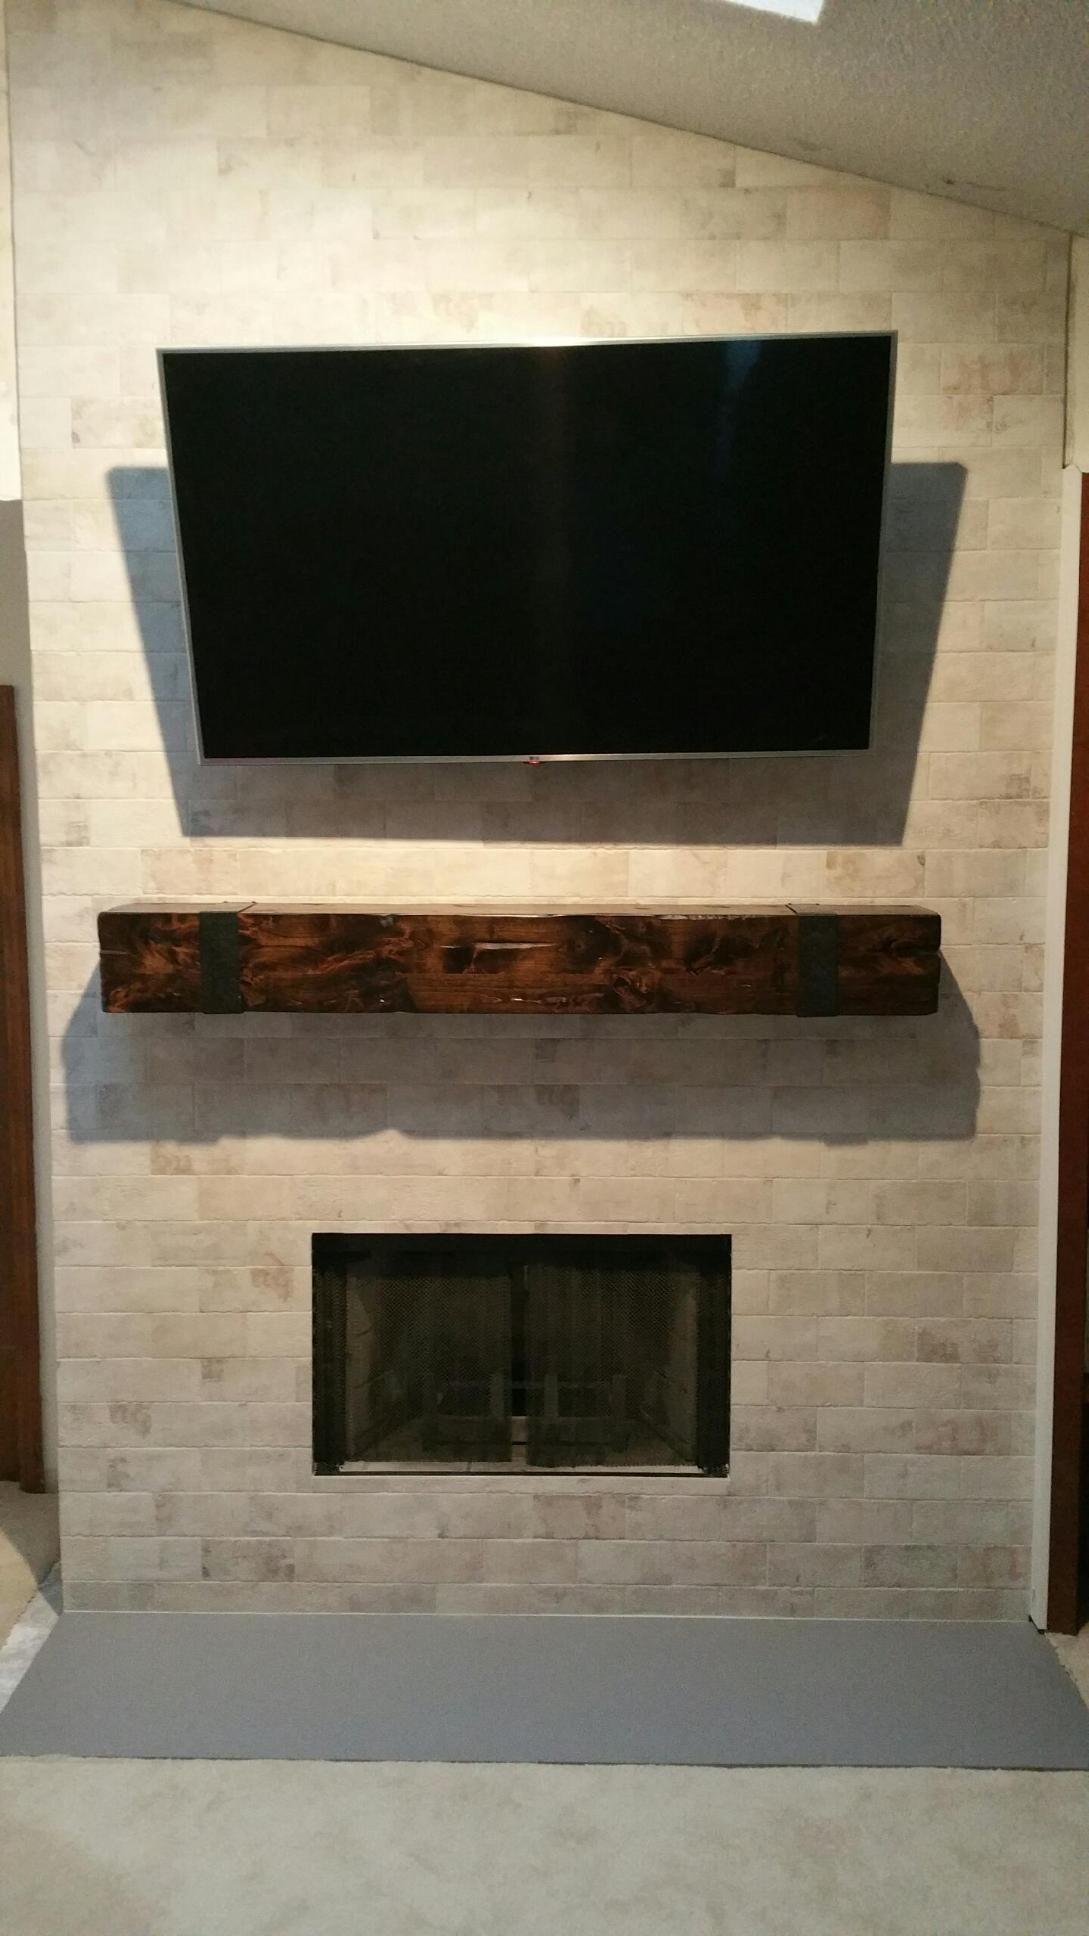 Quartz Fireplace Surround : Bloodworth fireplace surround daltile brickwork in